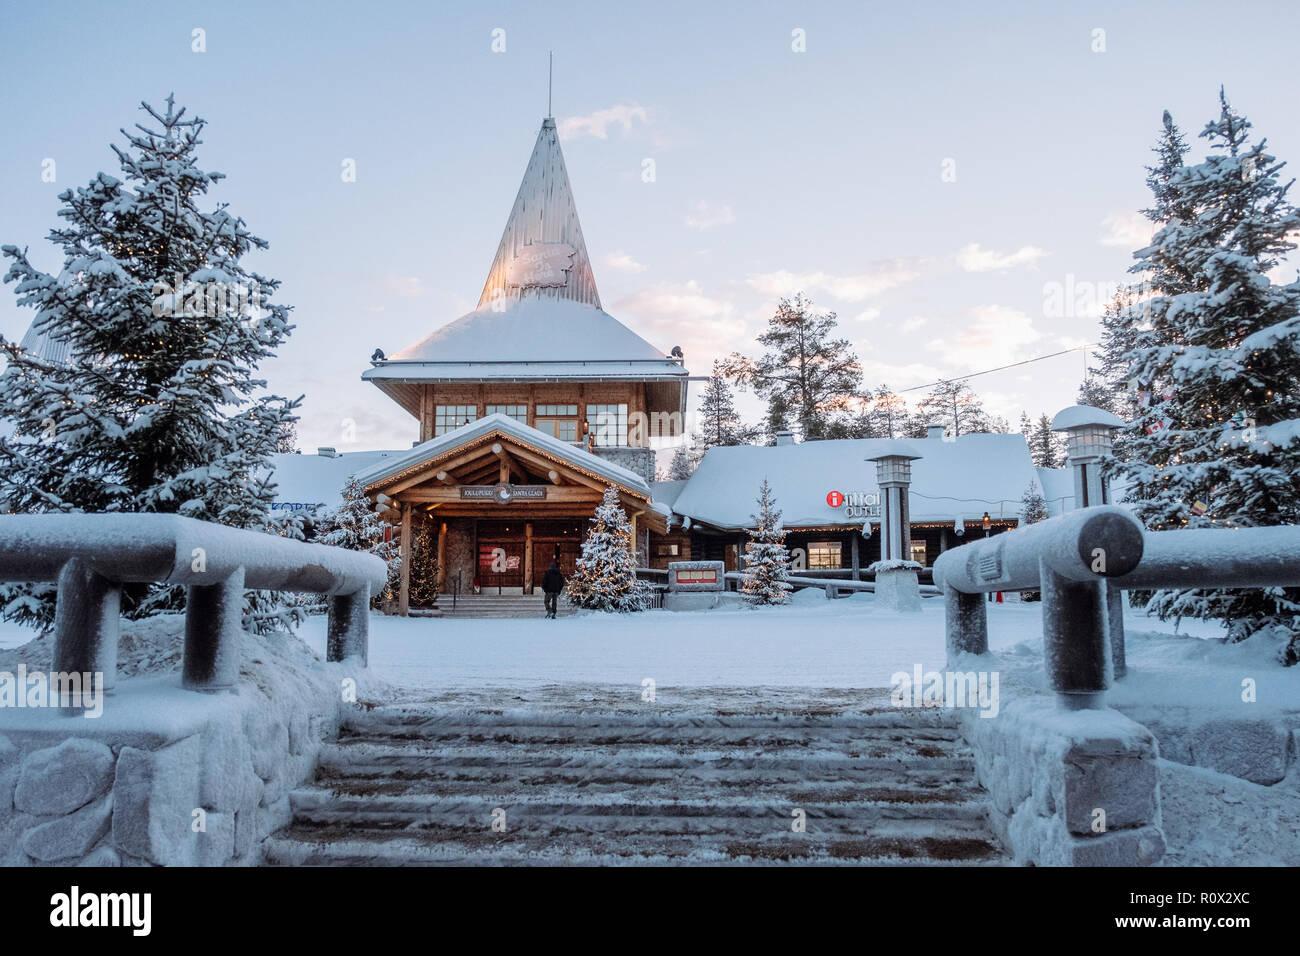 Villaggio Babbo Natale Rovaniemi.Villaggio Di Babbo Natale A Rovaniemi Finlandia Foto Immagine